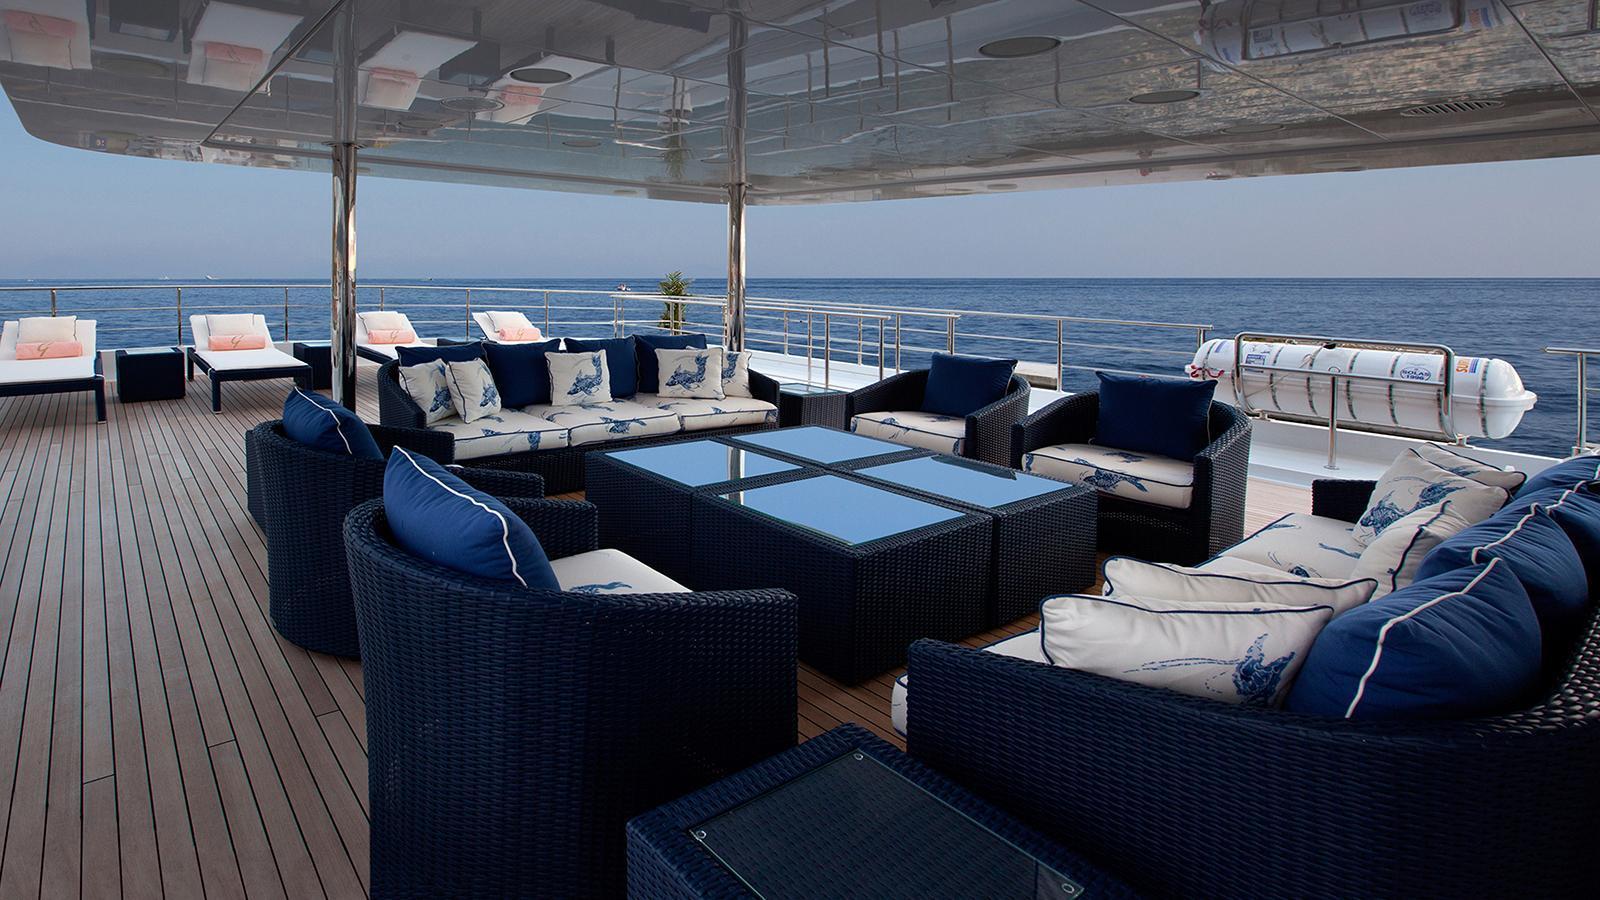 gazzella-motor-yacht-codecasa-2015-50m-deck